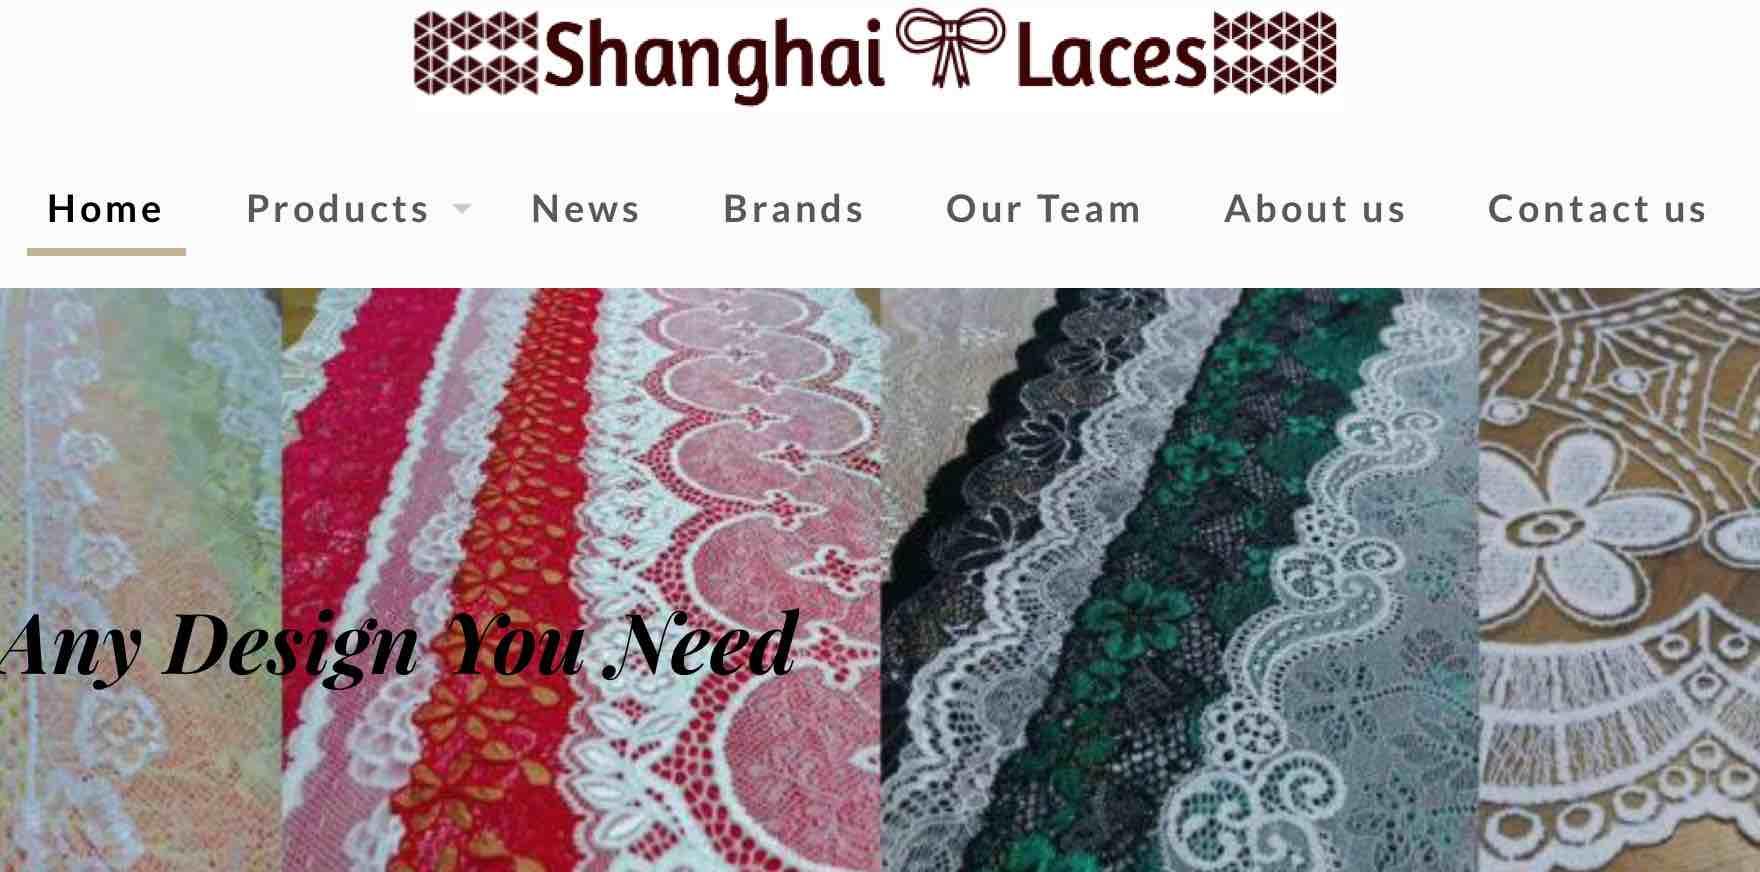 Shanghai Laces